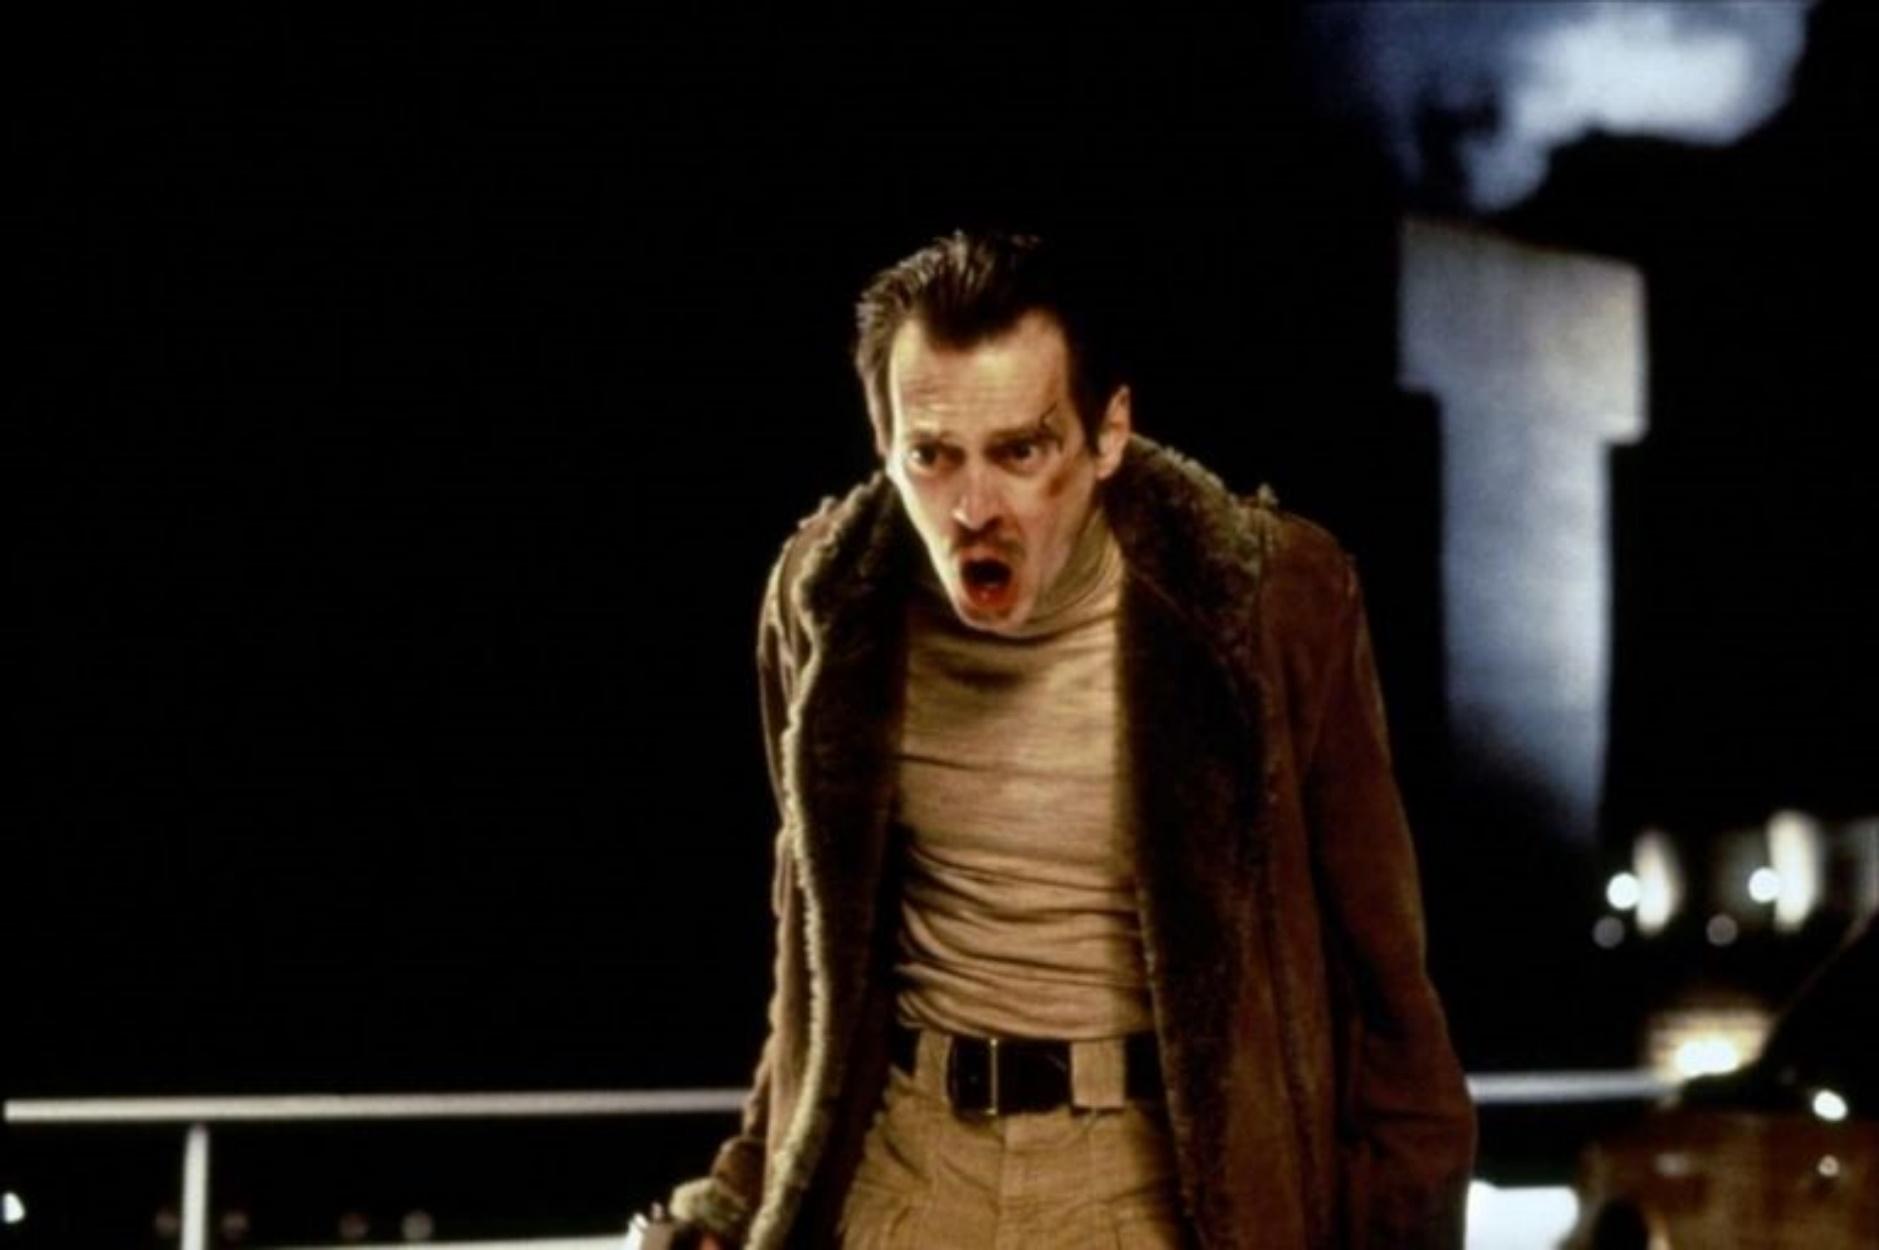 Τα 8 πιο θρυλικά μπουφάν στην ιστορία του κινηματογράφου